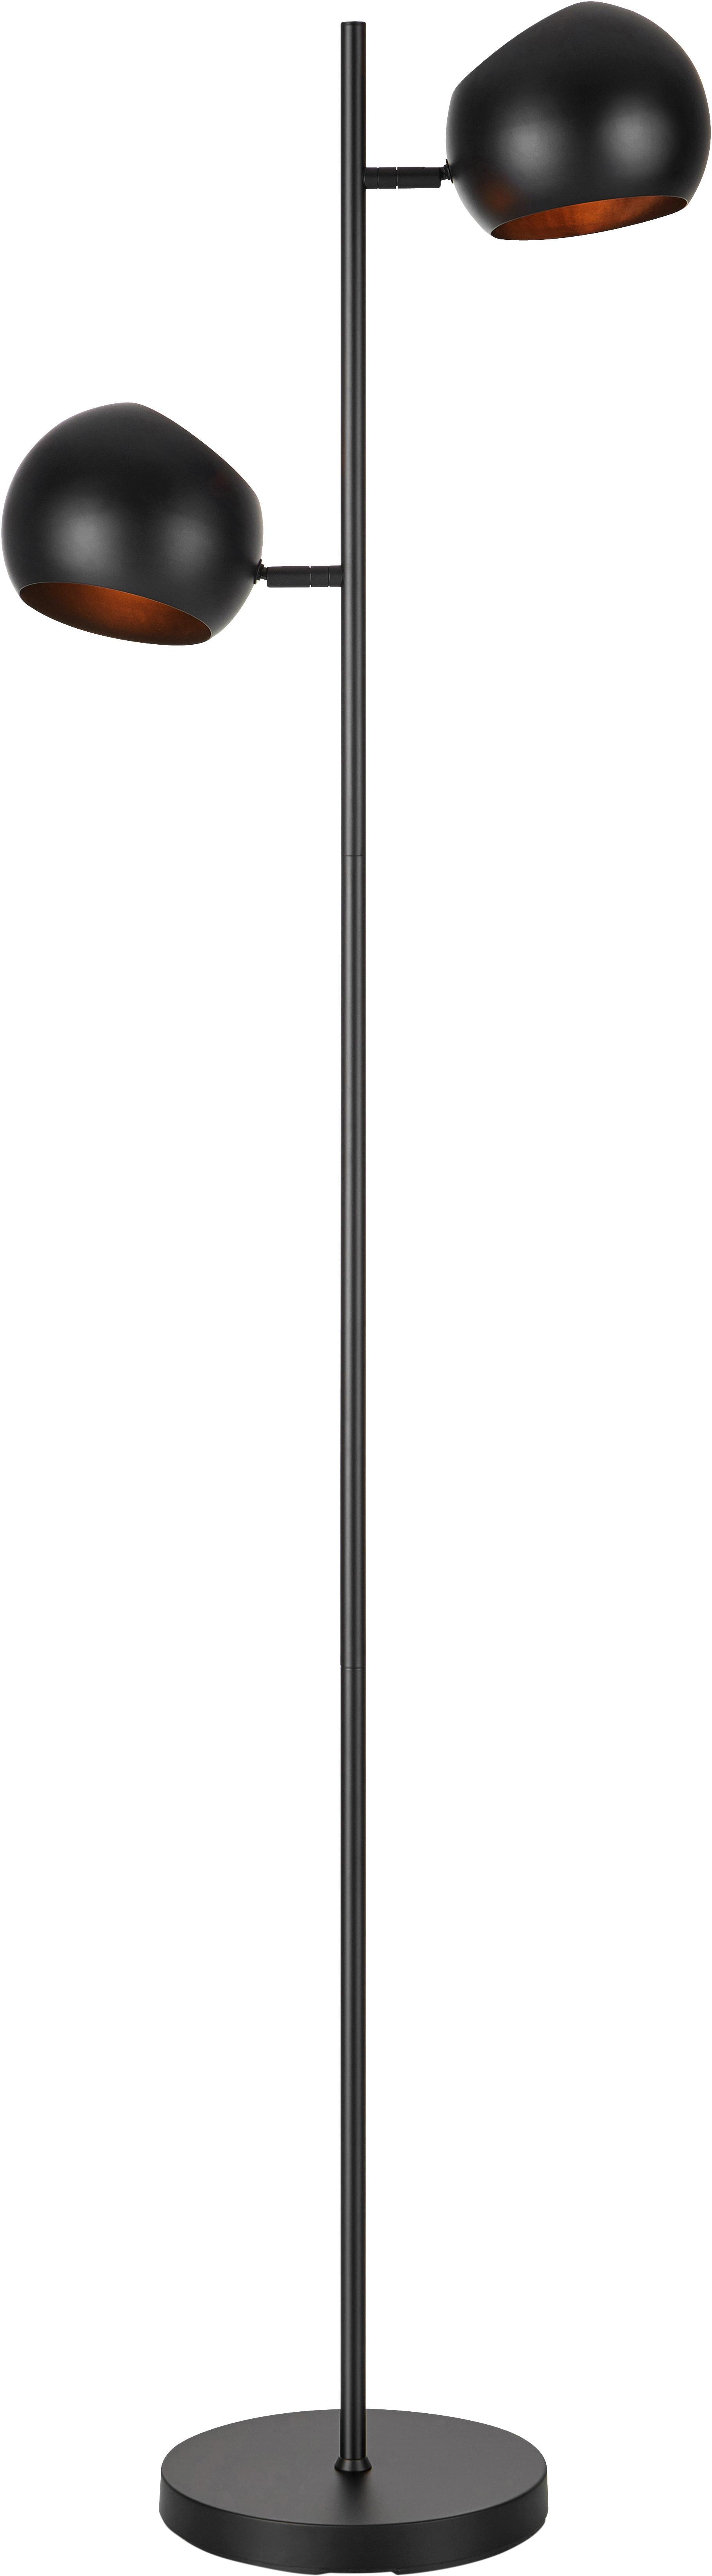 Stehlampe Edgar, Schwarz, 40 x 145 cm